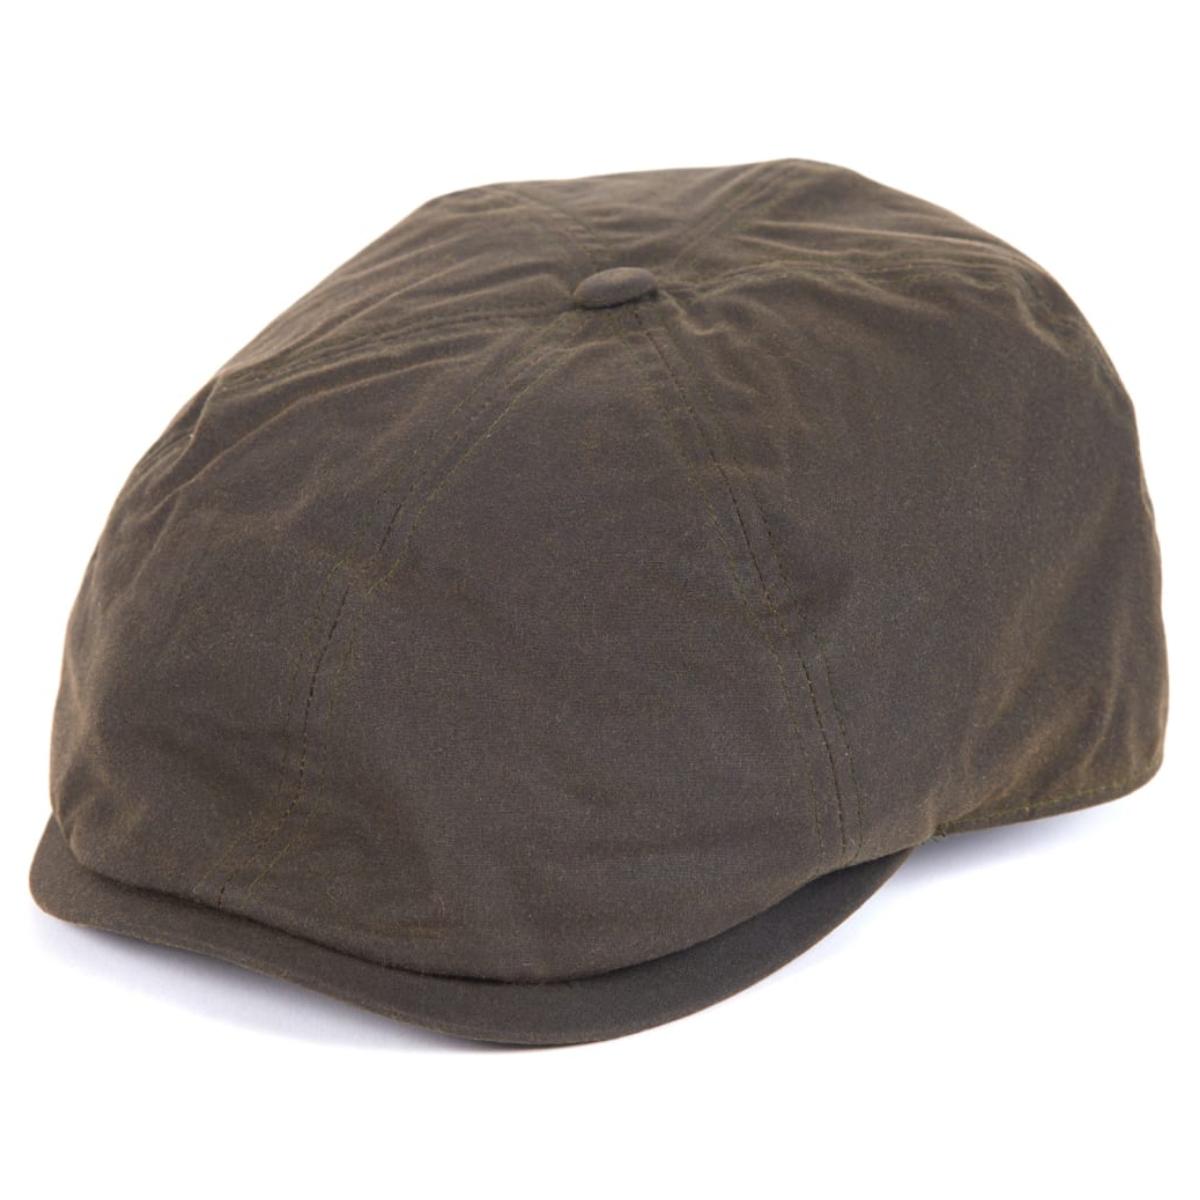 Barbour Portland Bakerboy Cap – Olive